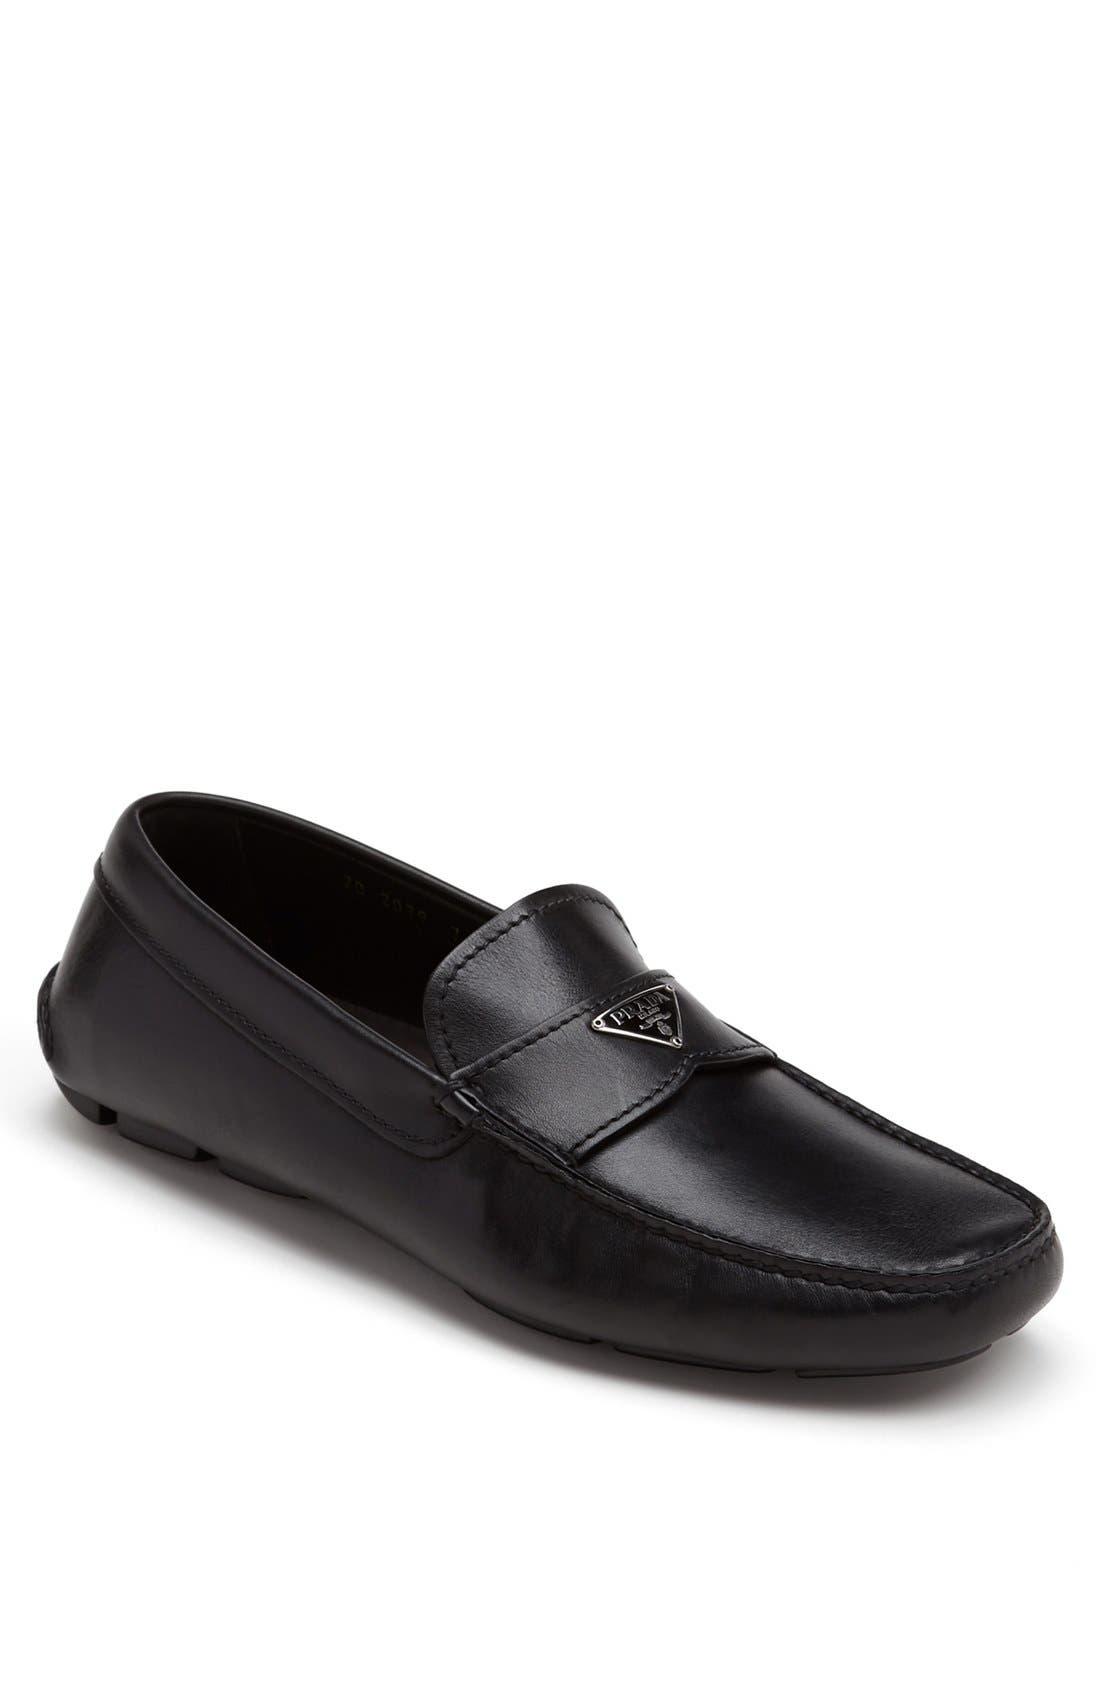 Alternate Image 1 Selected - Prada Logo Bit Driving Shoe (Men)